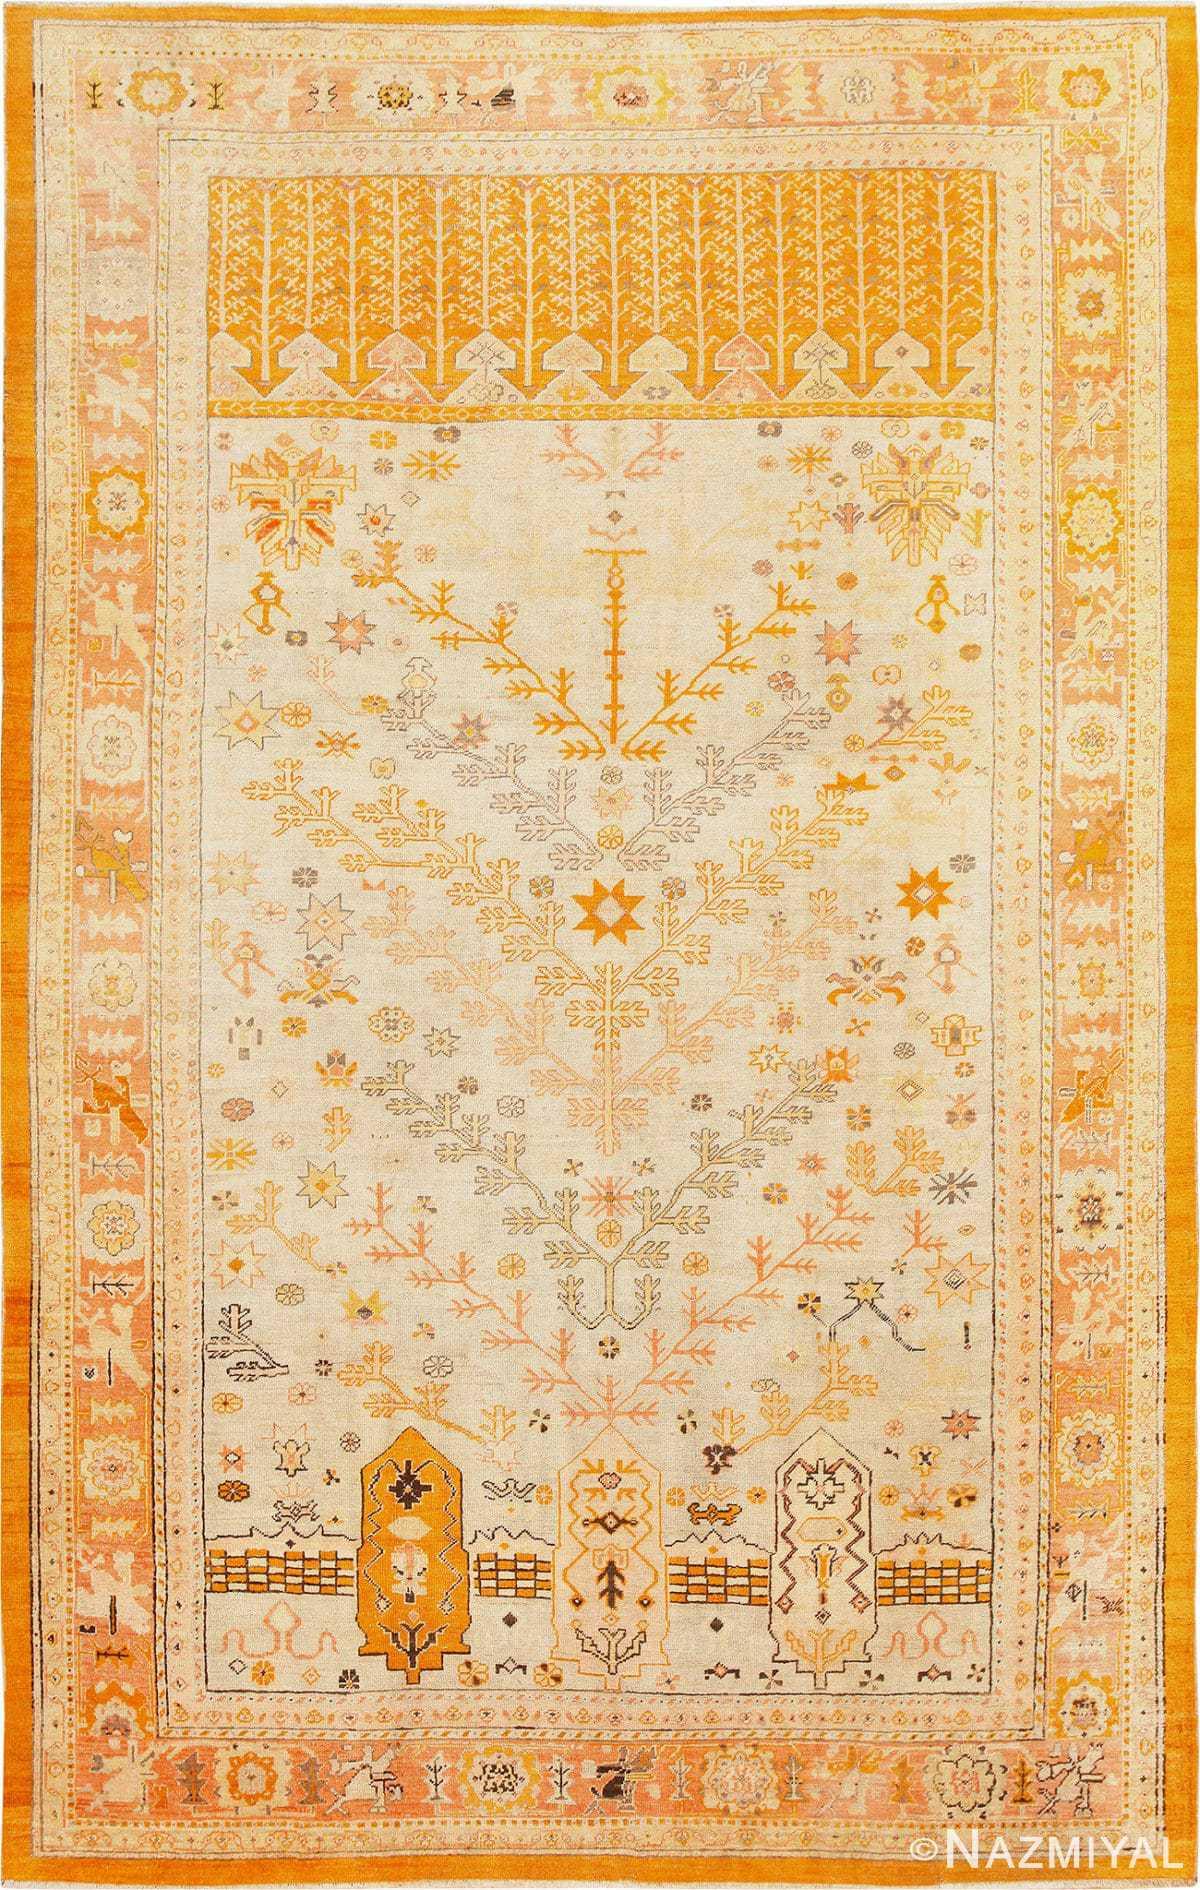 Decorative Tree Of Life Design Antique Turkish Oushak Rug 48976 Nazmiyal